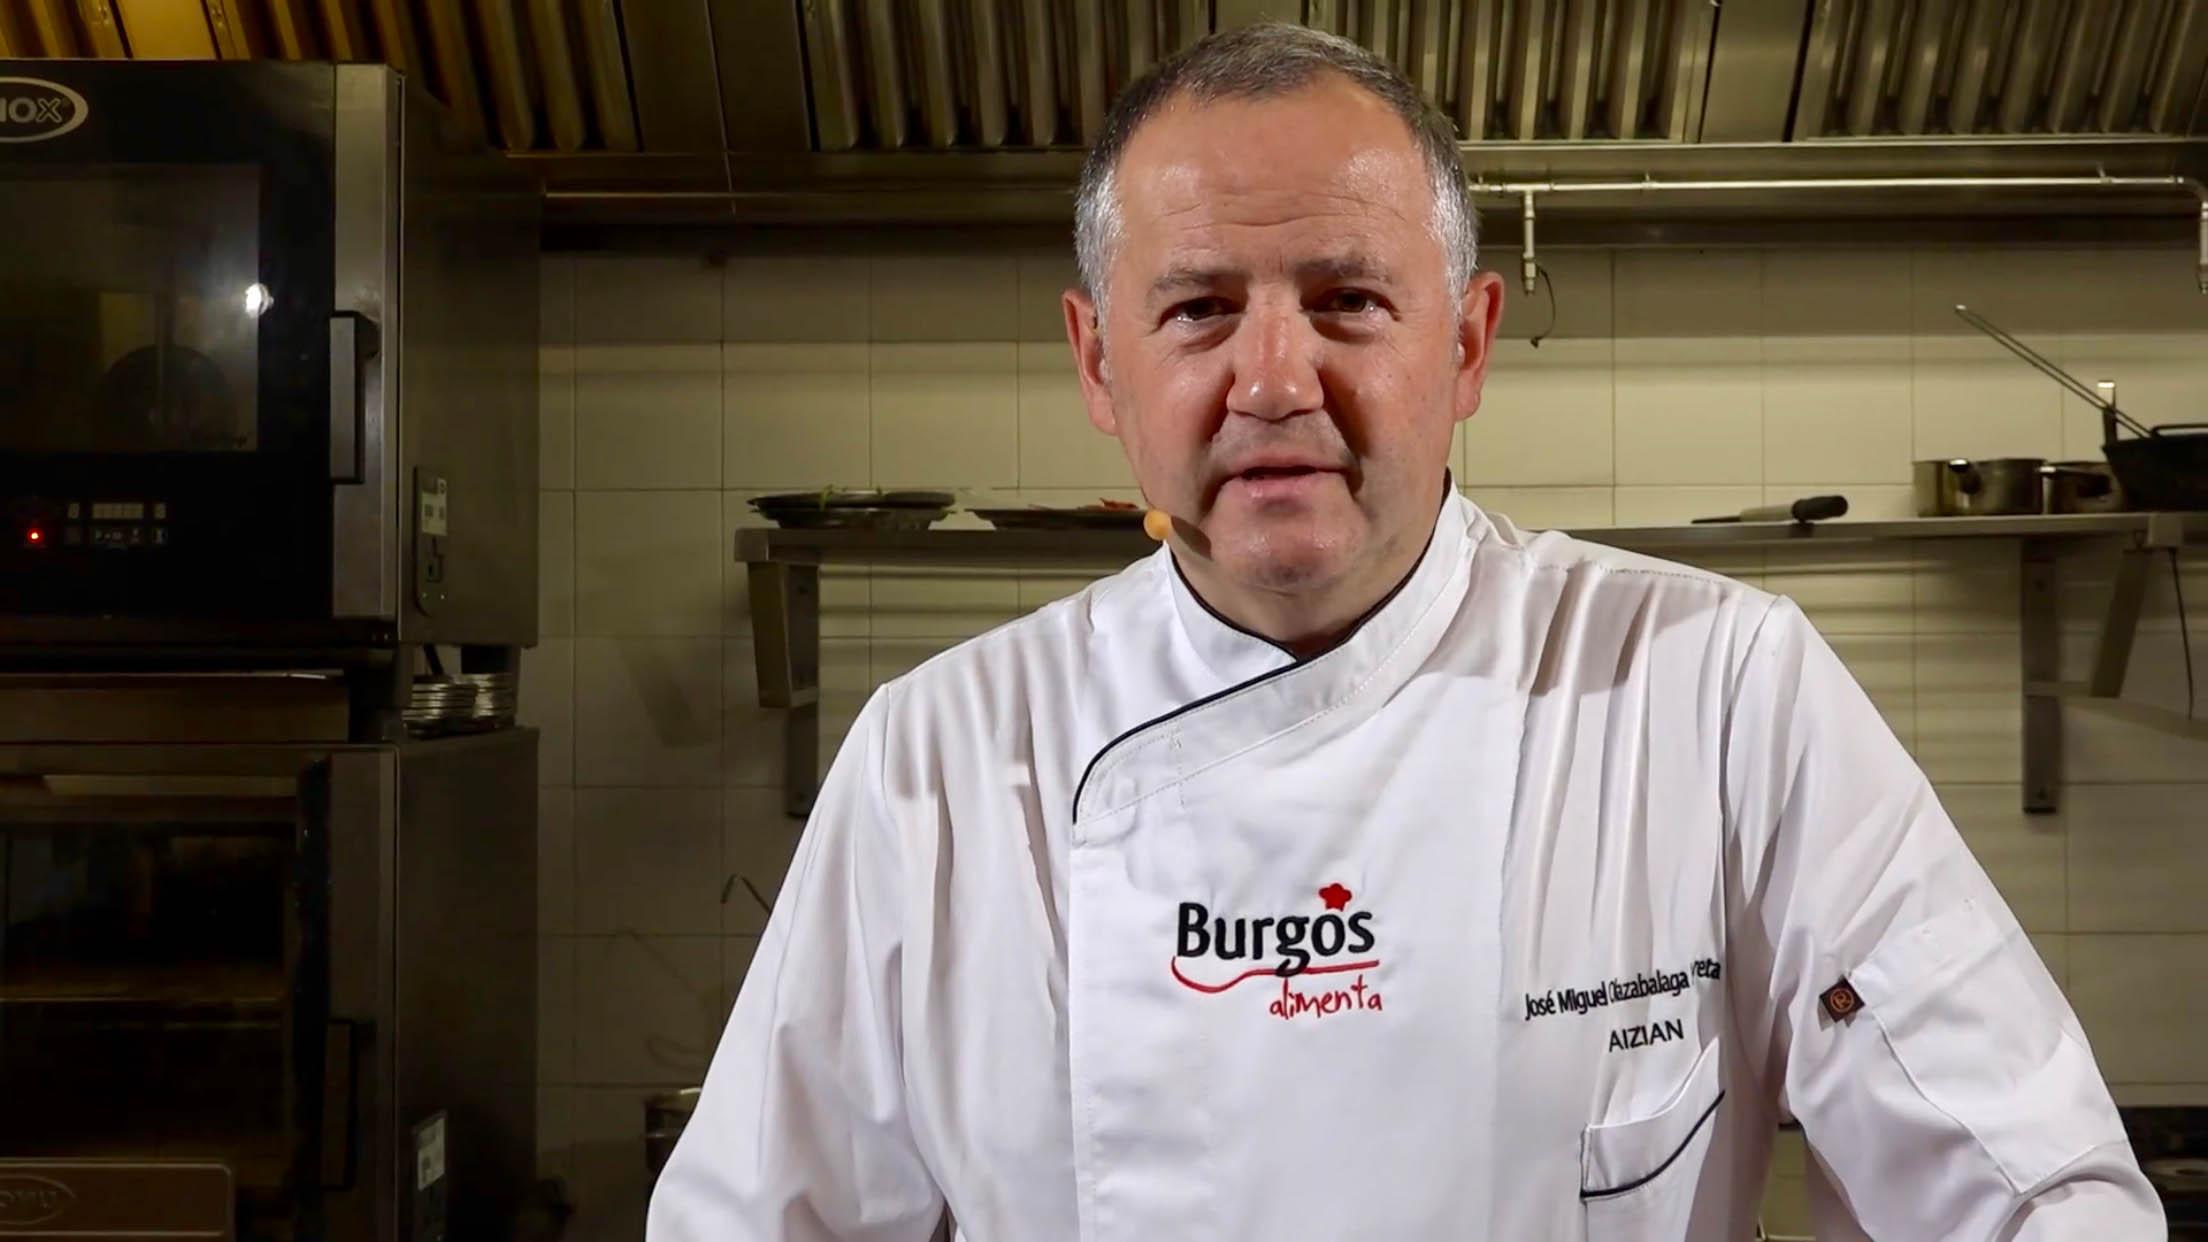 Josemi Olazabalaga Burgos Alimenta